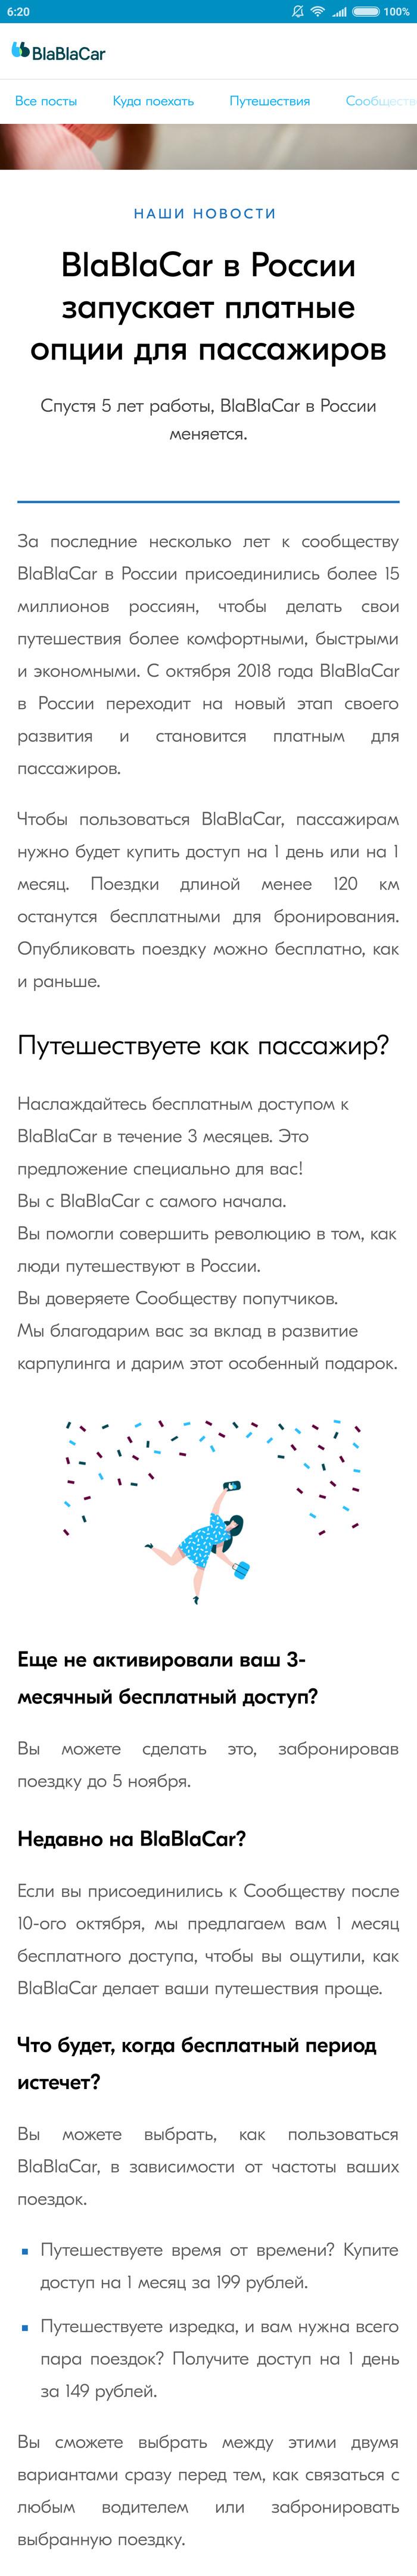 Новости от bla-bla-kar. Блаблакар, Приложение, Жадность, Длиннопост